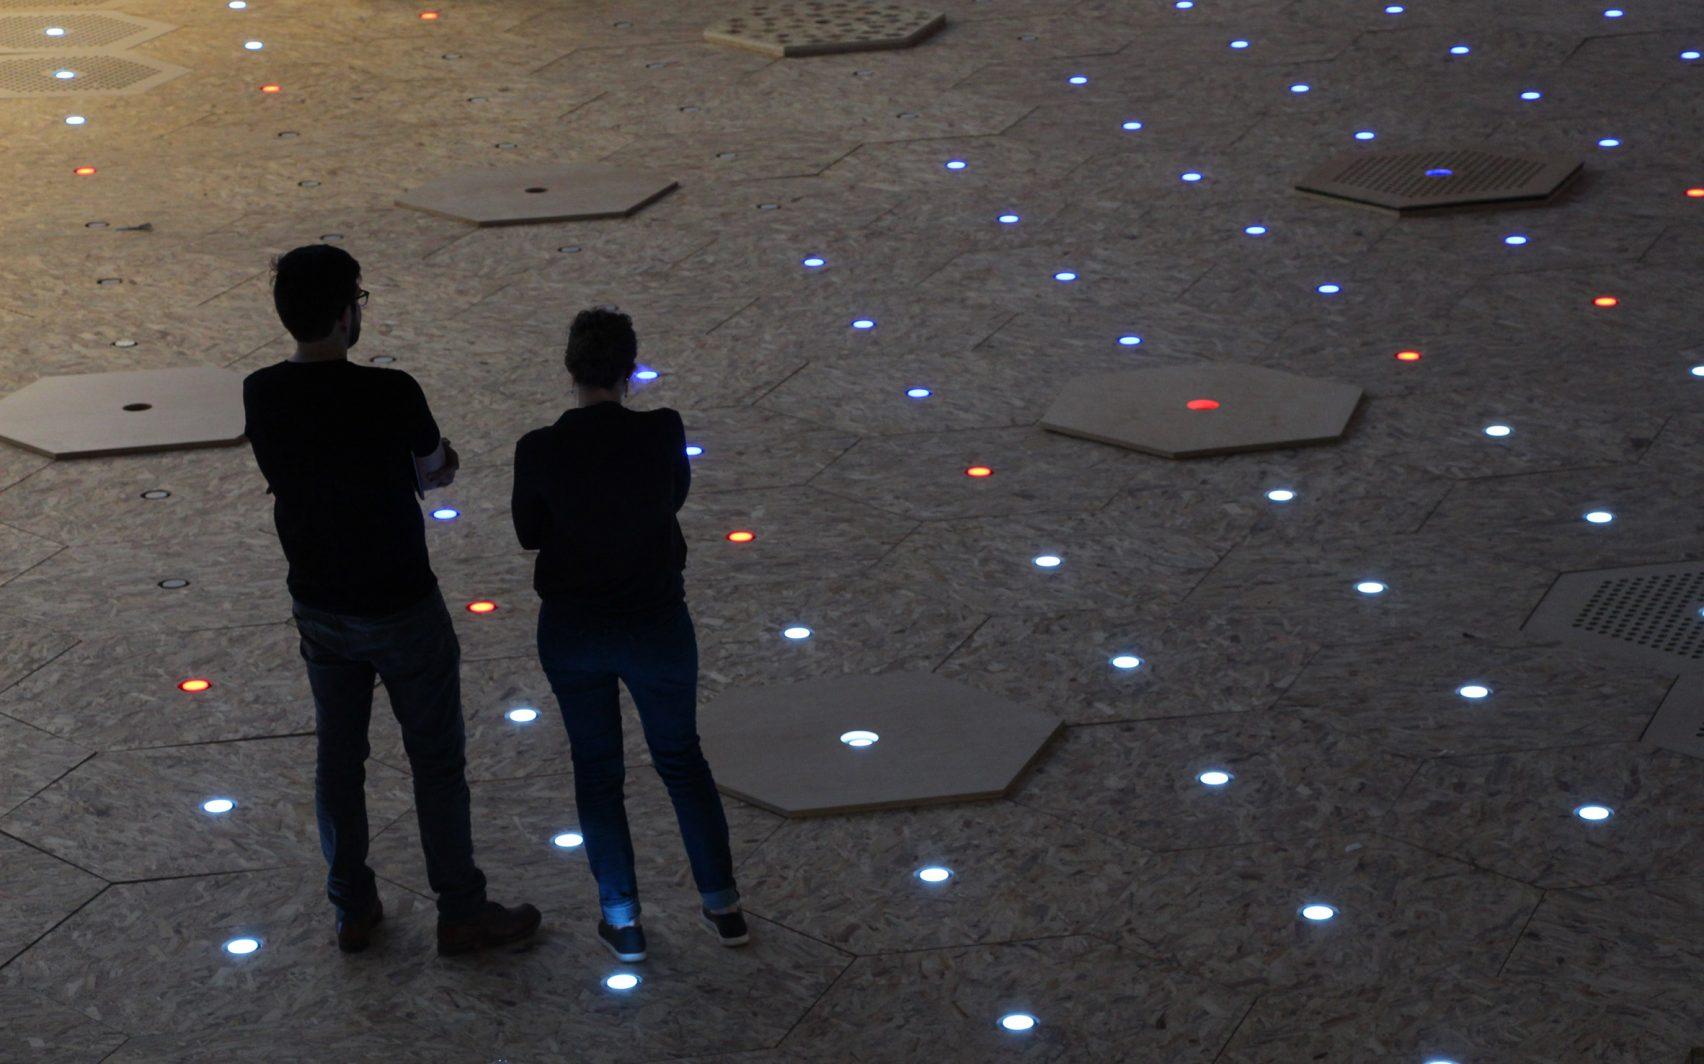 A Dynamic Street traz módulos hexagonais encaixados, permitindo que tenham diferentes usos durante o dia, de acordo com a necessidade do espaço público. Foto: Divulgação